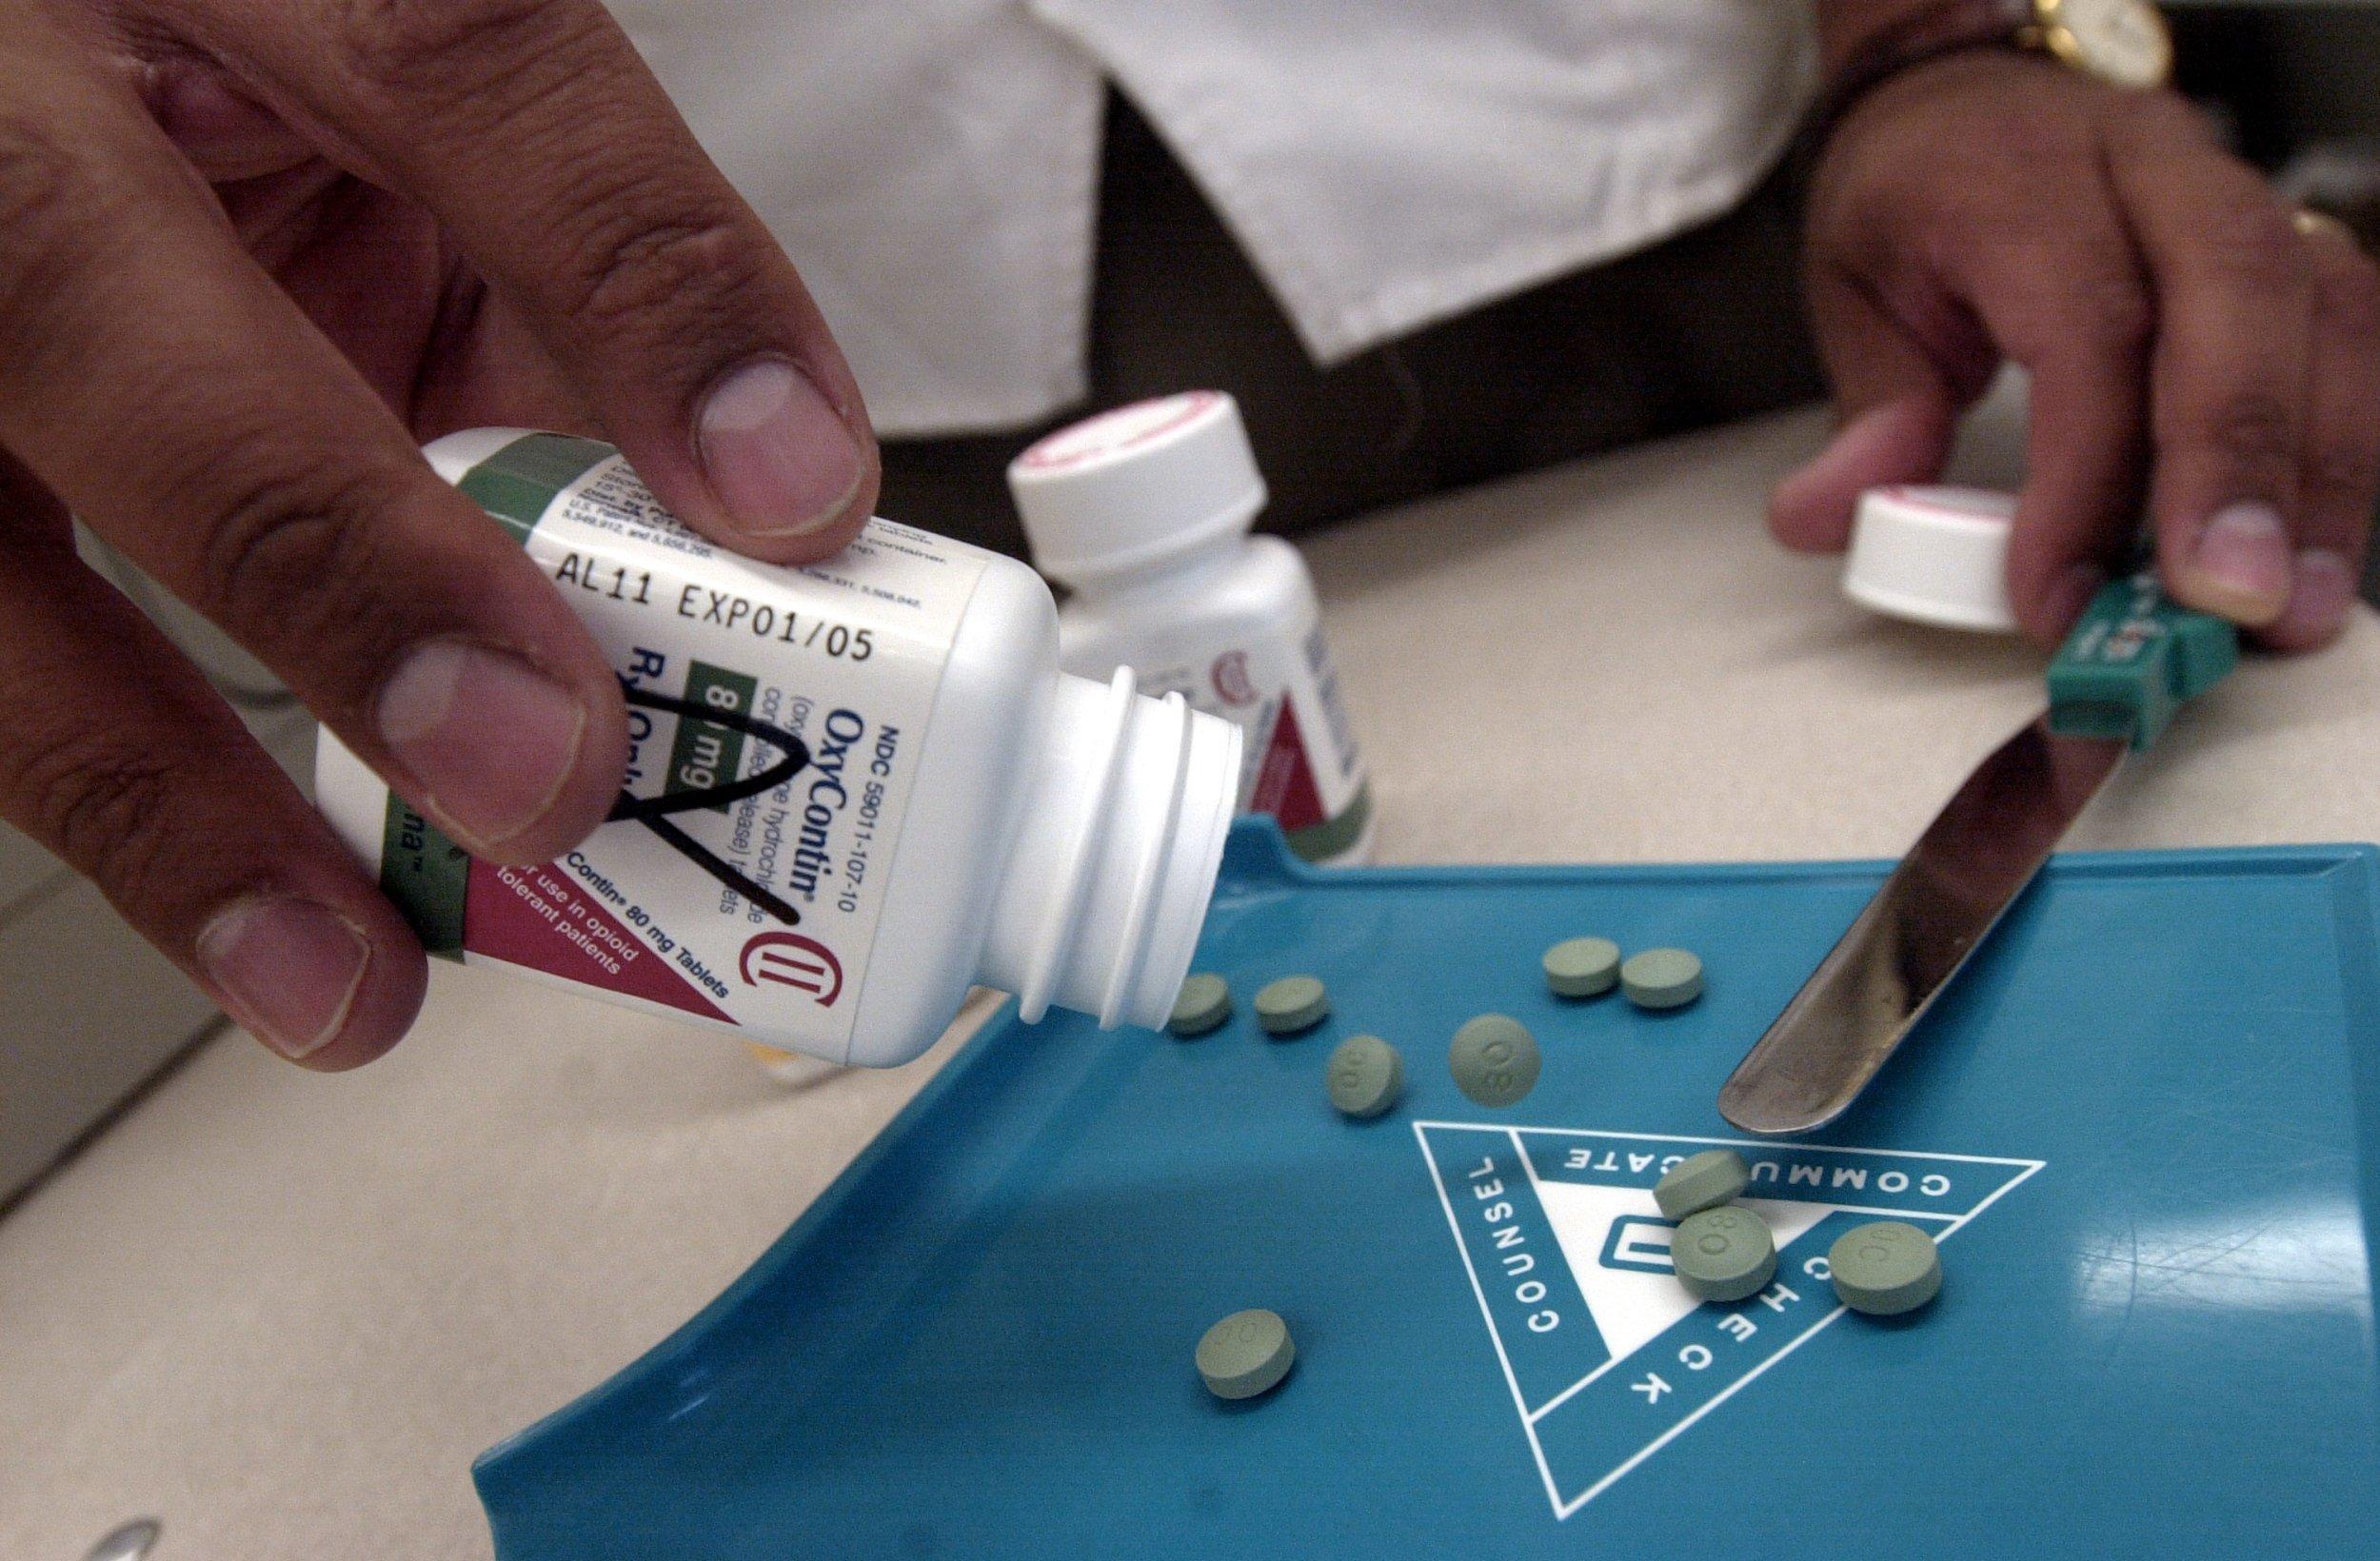 Oxycontin pills 2001